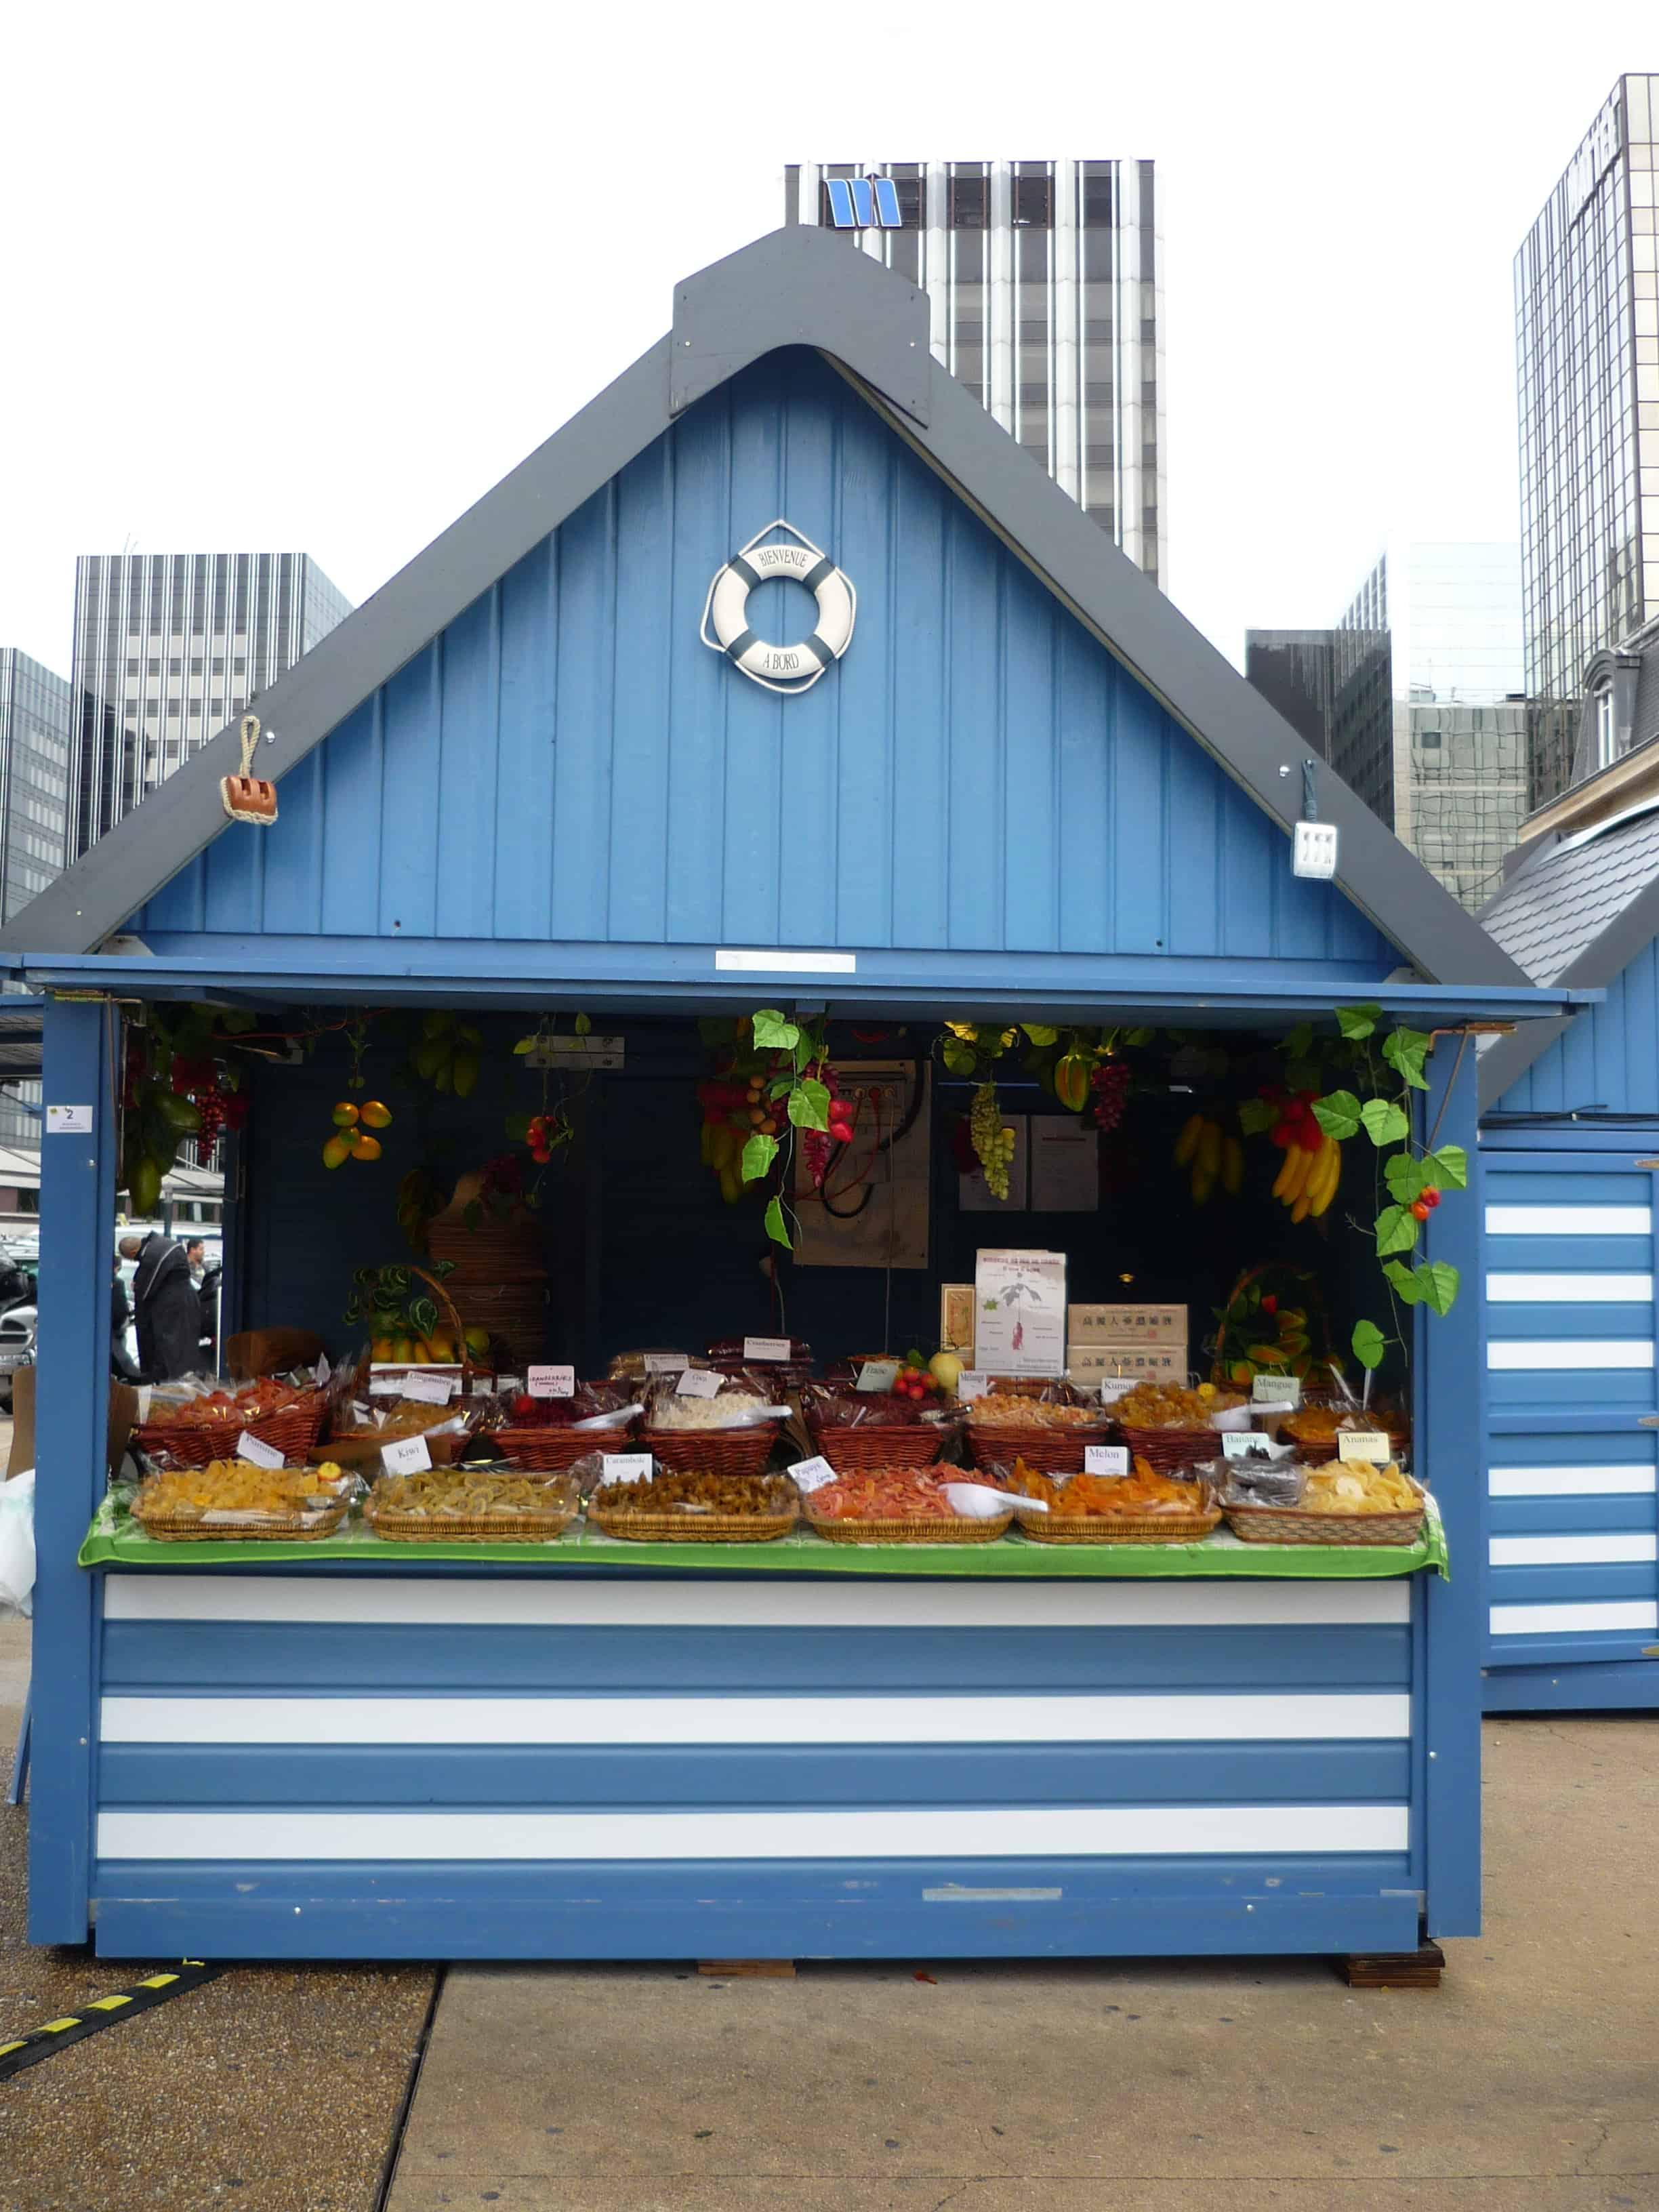 Chalet installé pour un marché d'été